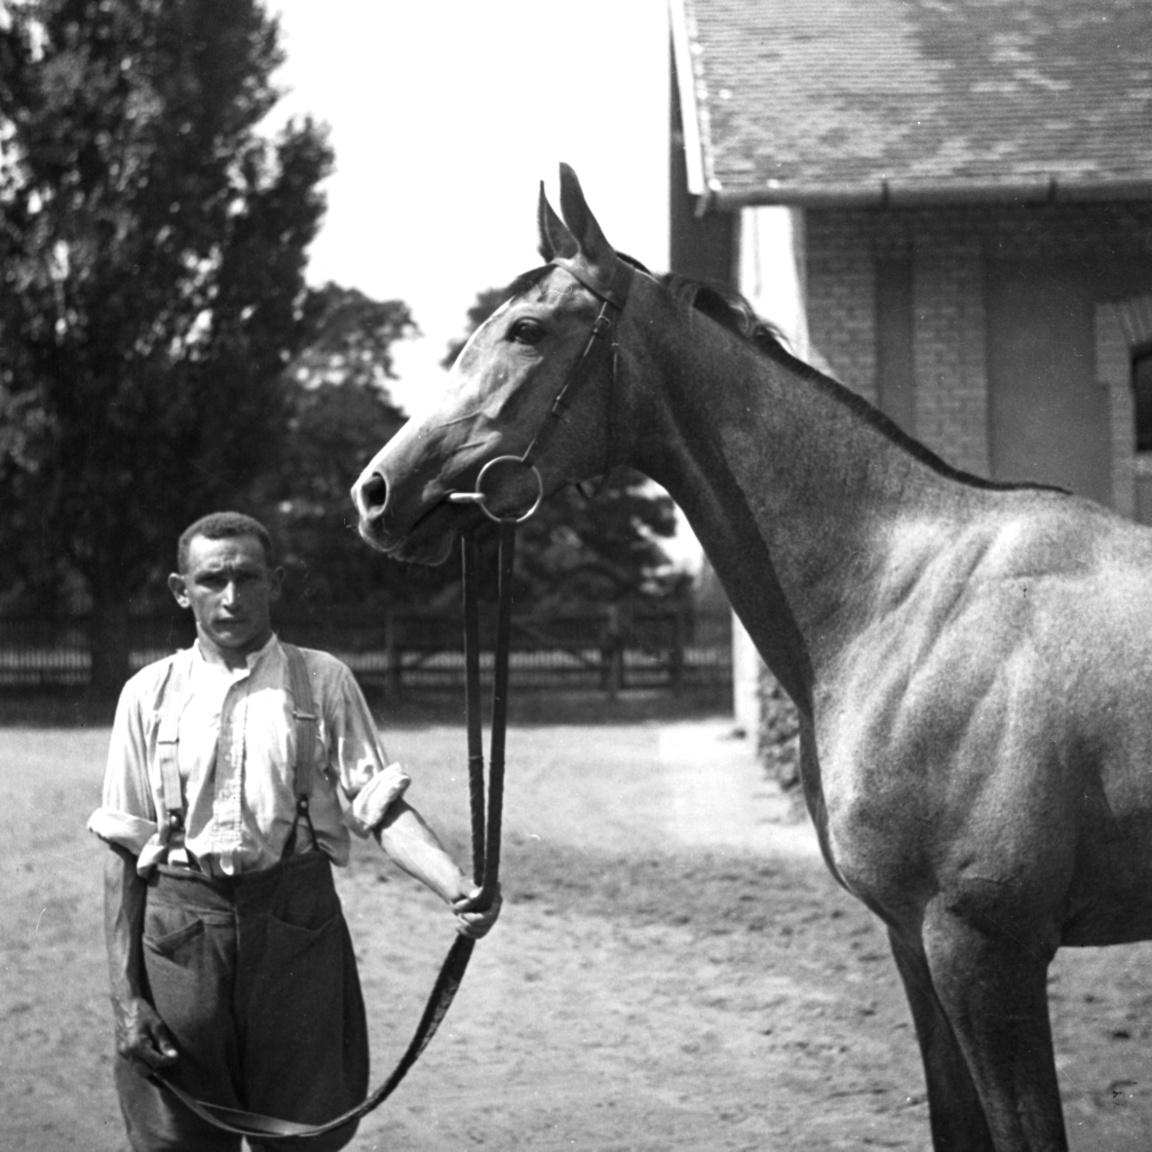 """A legtöbb magyar versenylovat több mint száz éve a Dunakeszi mellett található Alagon trenírozzák. Petanovitsnak is az itteni lóversenytelepen volt istállója. Sőt, valószínűleg éppen lovak szeretete miatt ő maga is kiköltözött családjával Dunakeszire. """"Uraságra hajló természete, gavalléros könnyelműsége és egy kicsit a játékszenvedélye is a zöld gyep felé terelte – ő volt az első a polgárok közül, akik futtattak még a városligeti gyepen."""" – írta róla nekrológjában az Ujság 1936-ban."""